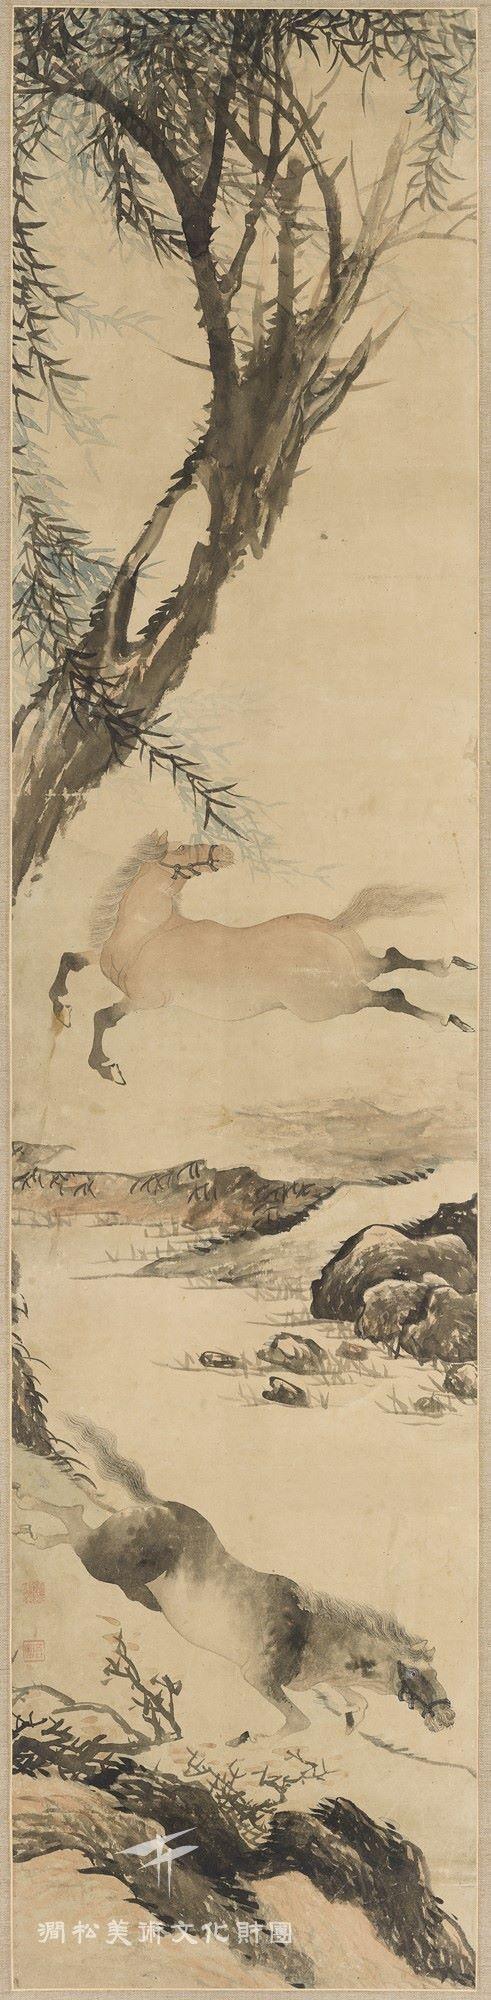 오원 장승업 (1843-1897), 호치비주, 19세기 말 작품, 수묵채색화, 지본채색.